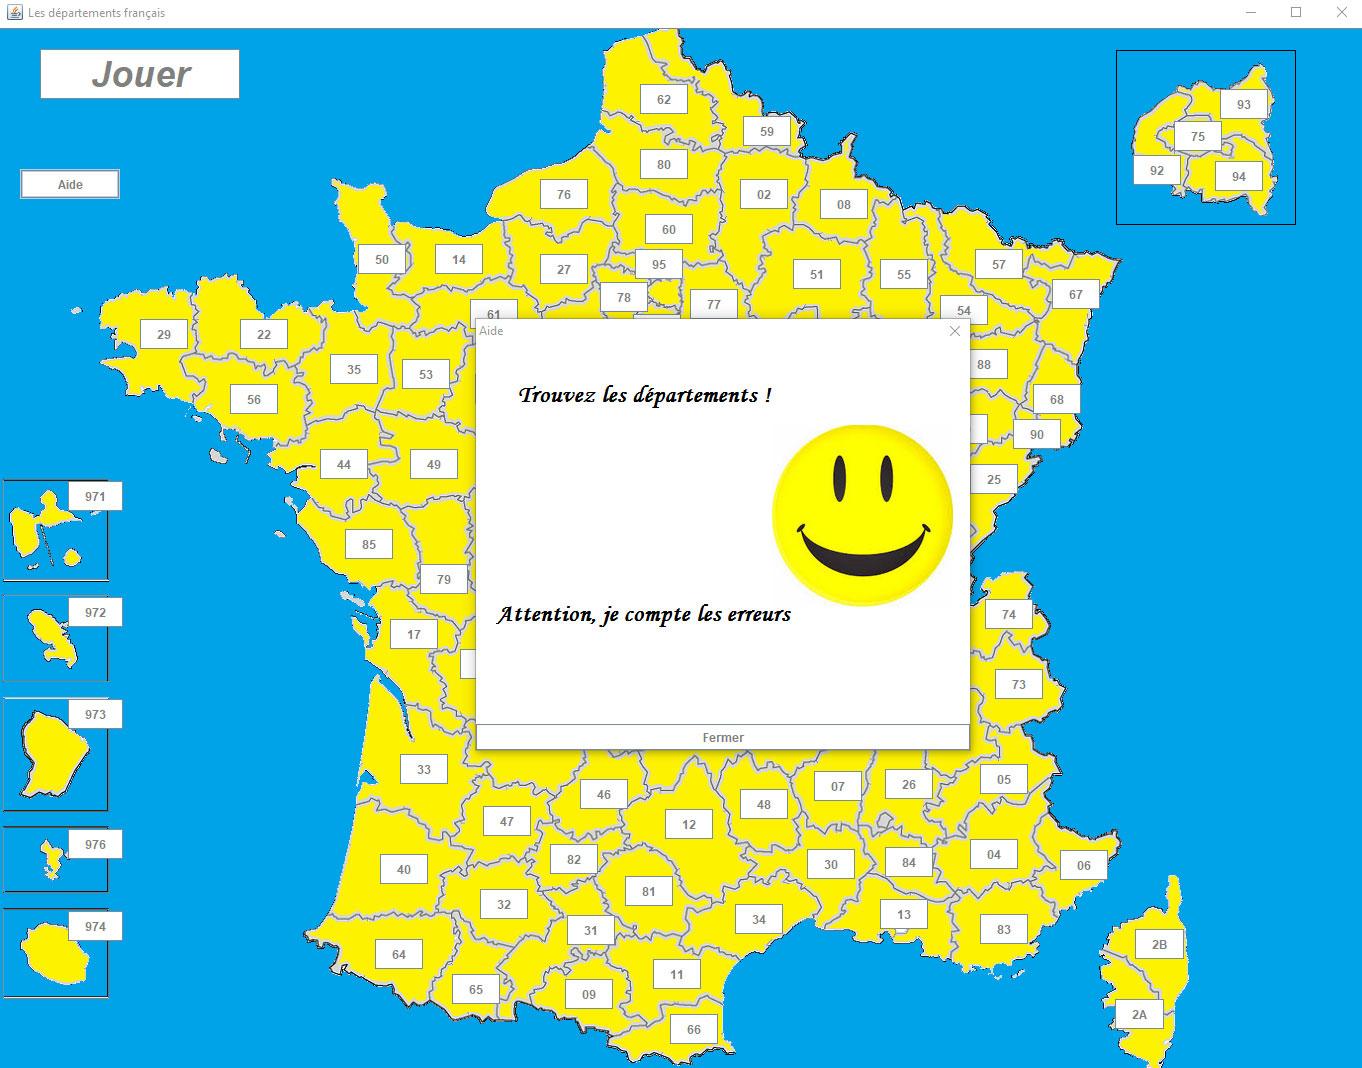 Projet pour Jeux Des Départements Français